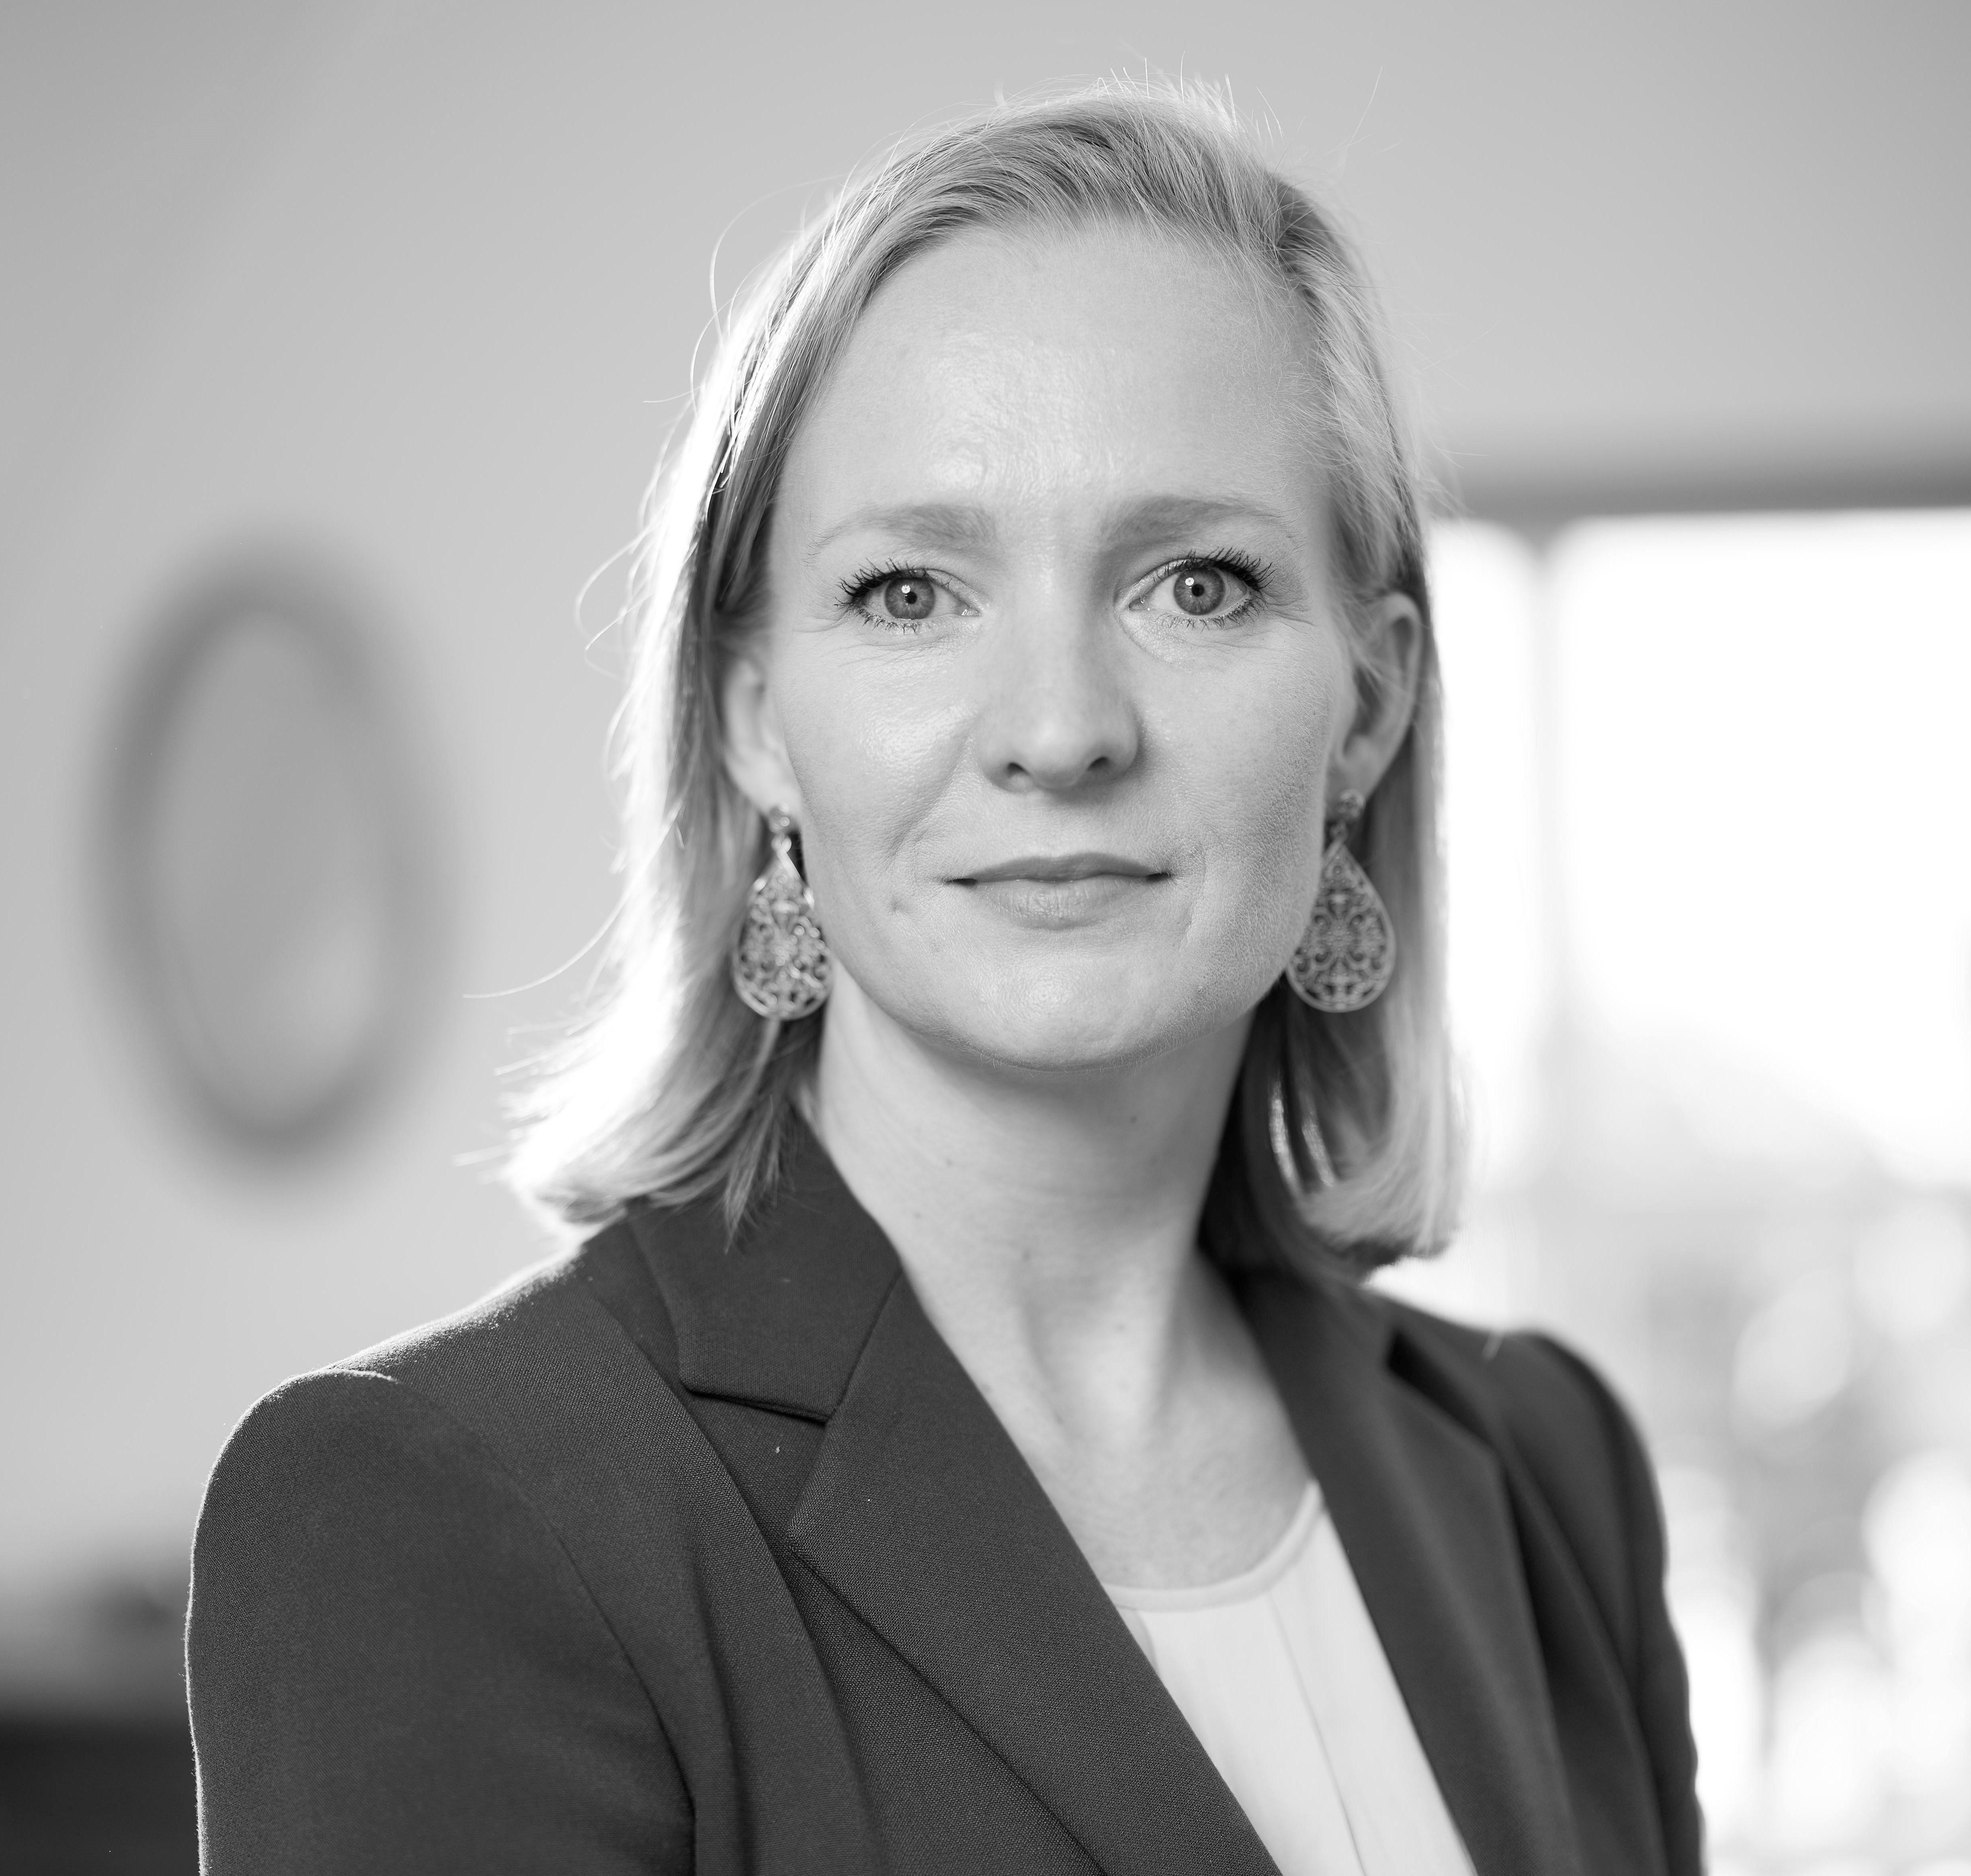 Marietje Schaake on Cyber In 60 Seconds